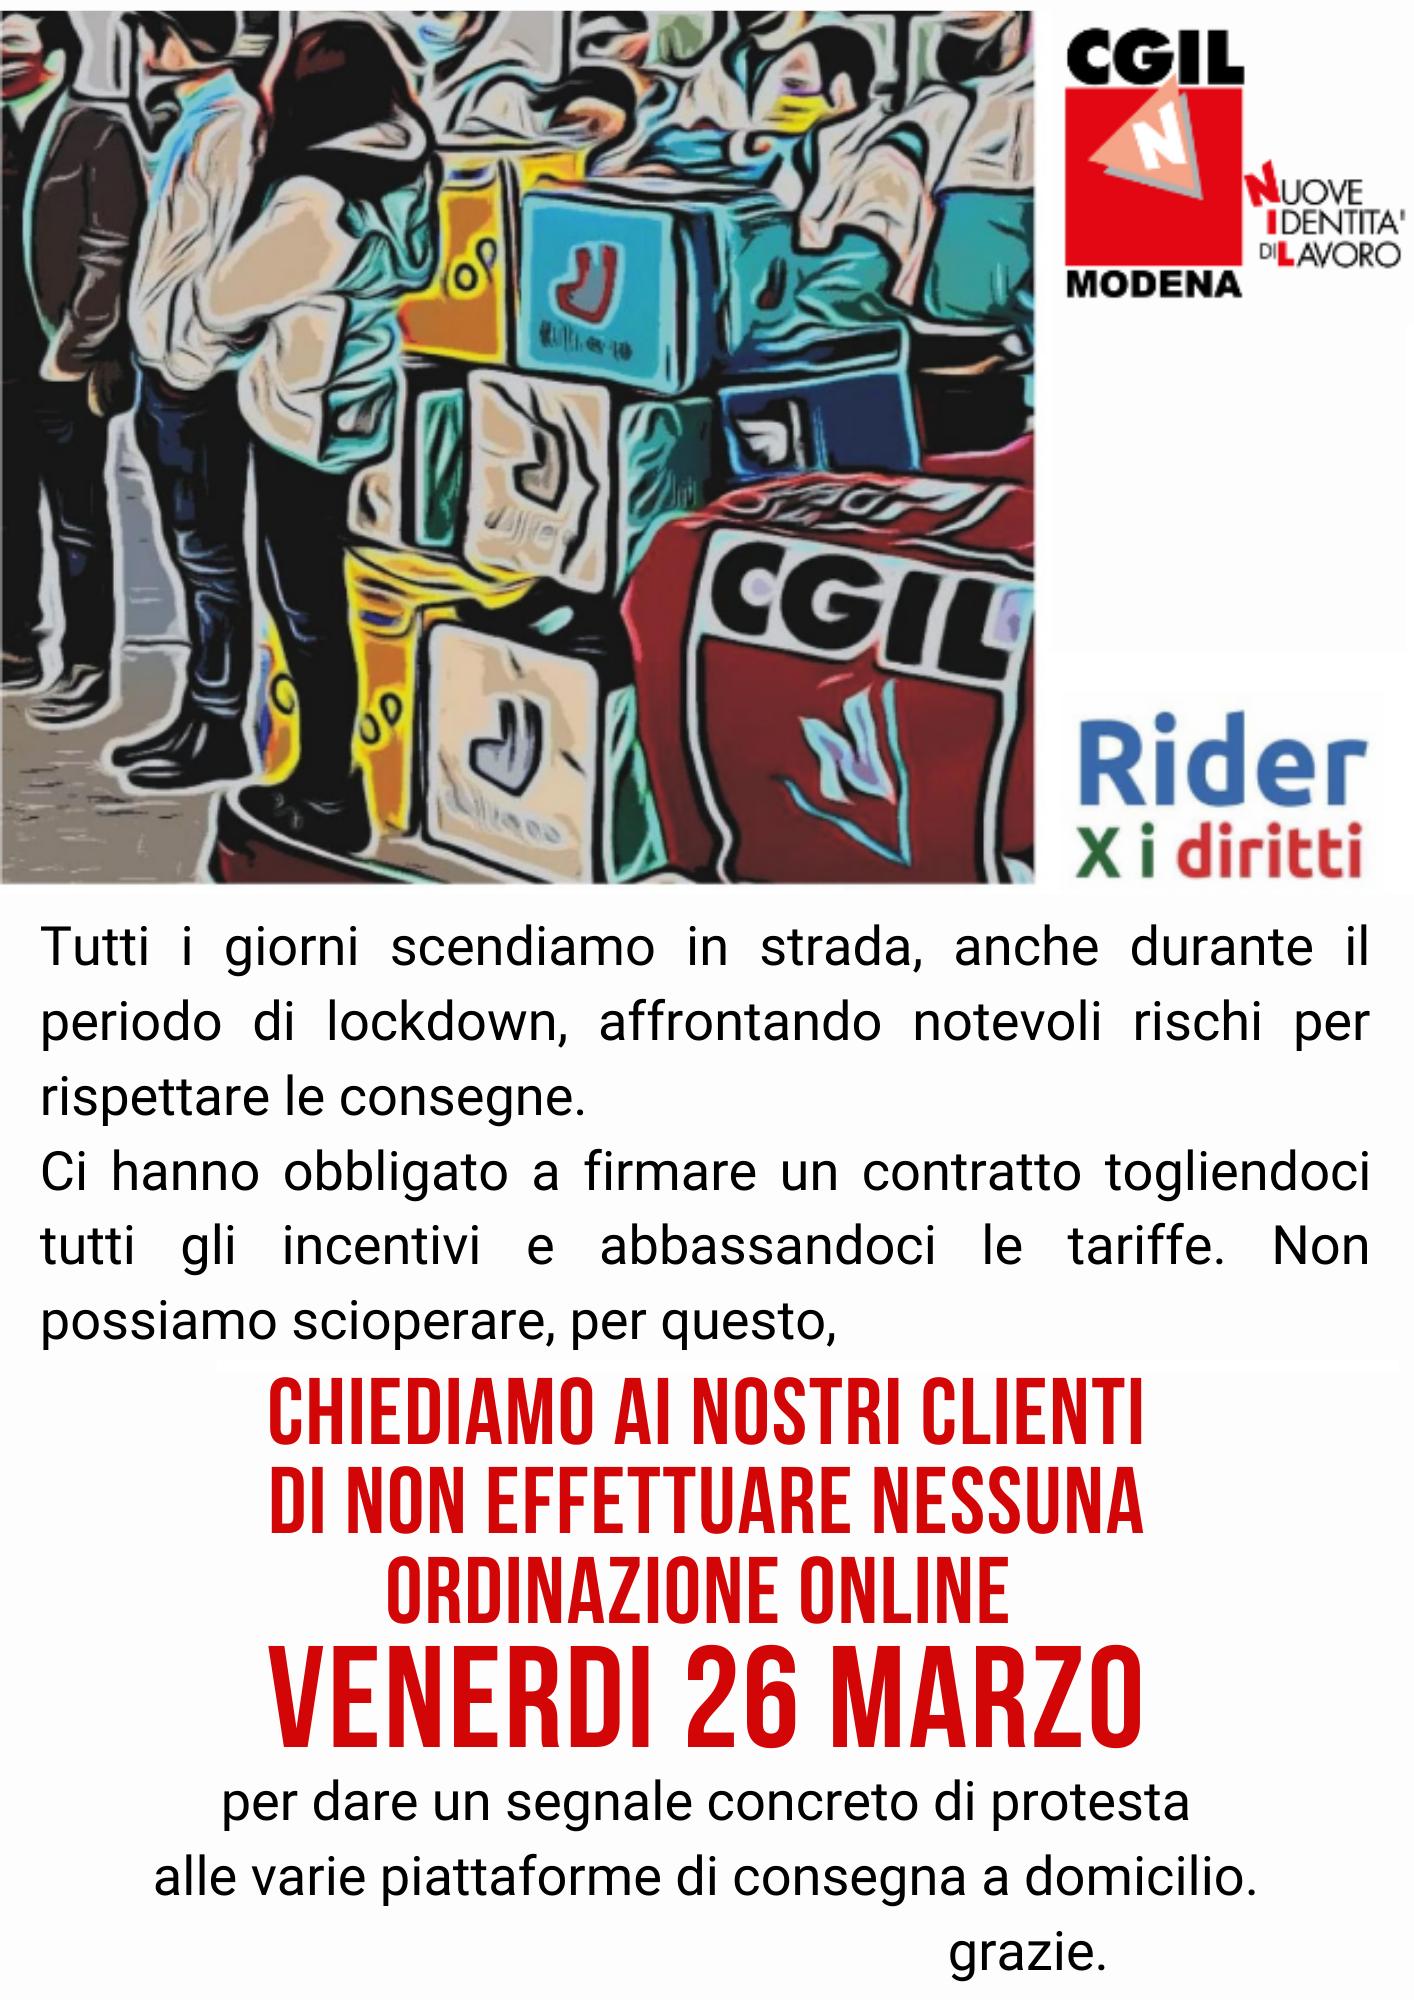 RiderXiDiritti - Protesta venerdì 26 marzo 2021 a Modena